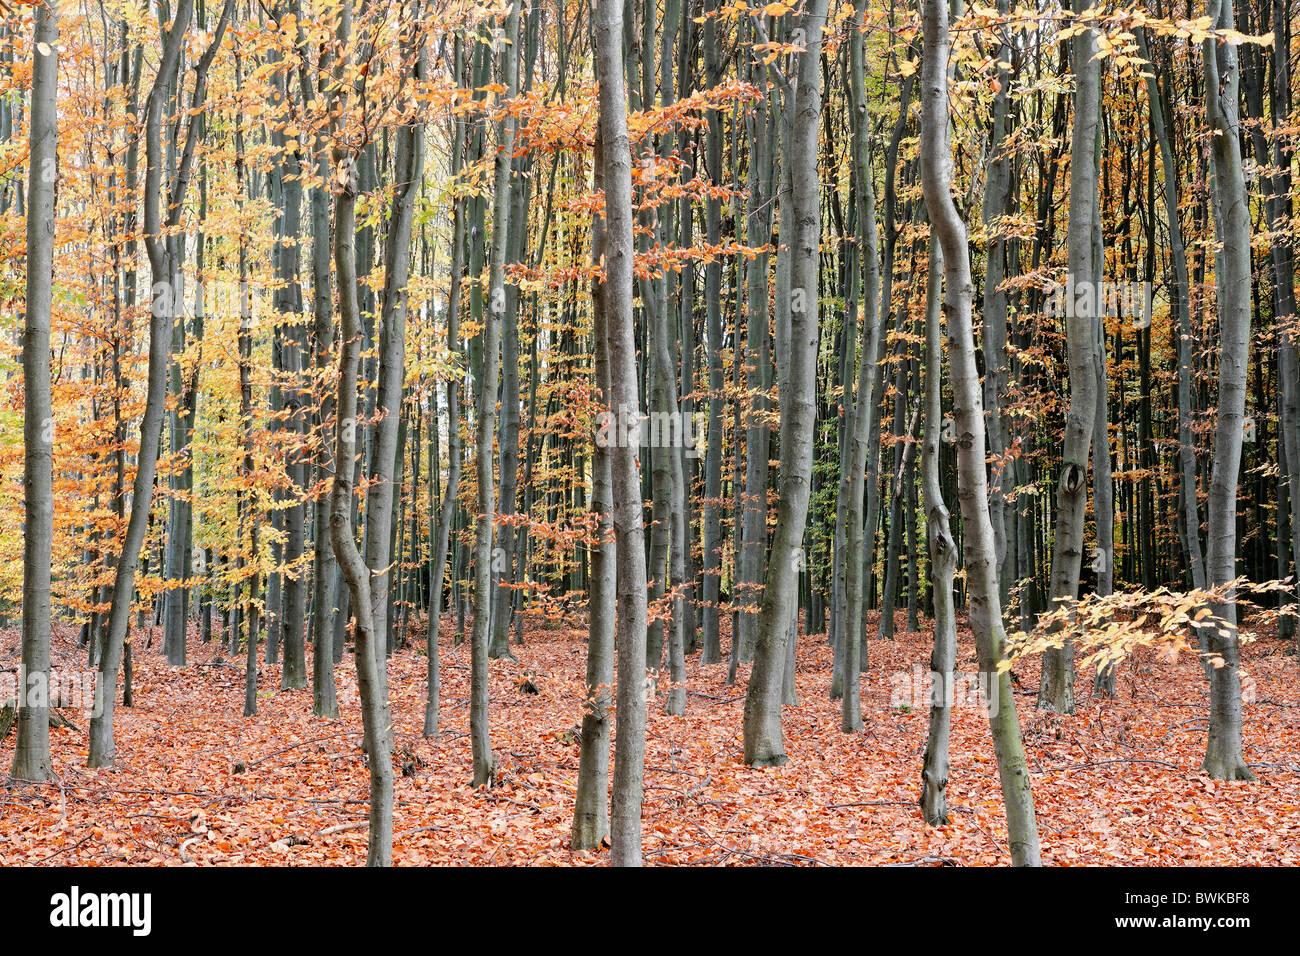 Arrangement Automne fond Fond Ecran couleur Couleur République Tchèque Europe Écosystèmes Écosystèmes Photo Stock